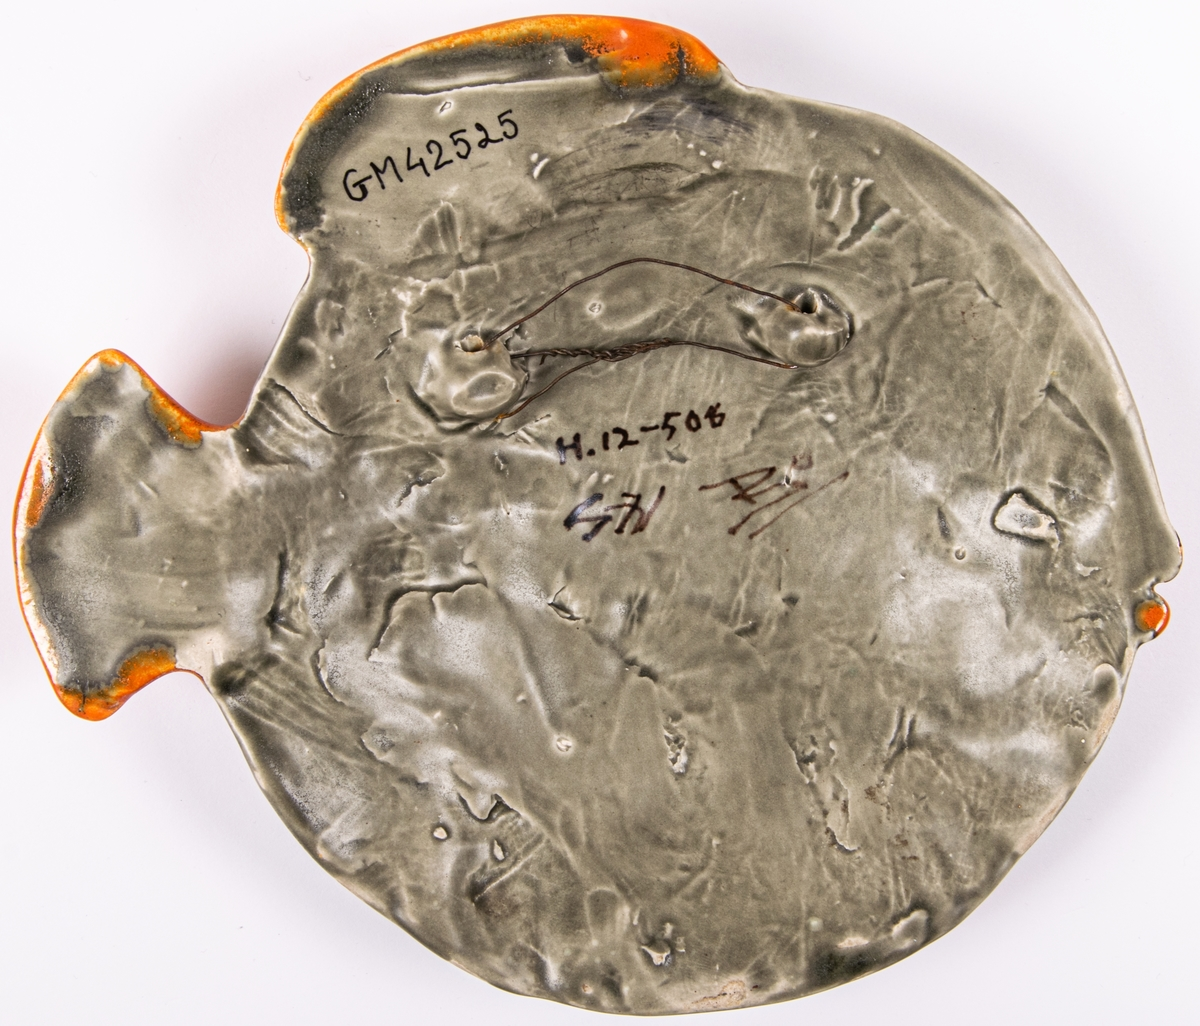 Väggfigurin i keramik i form av en fisk.